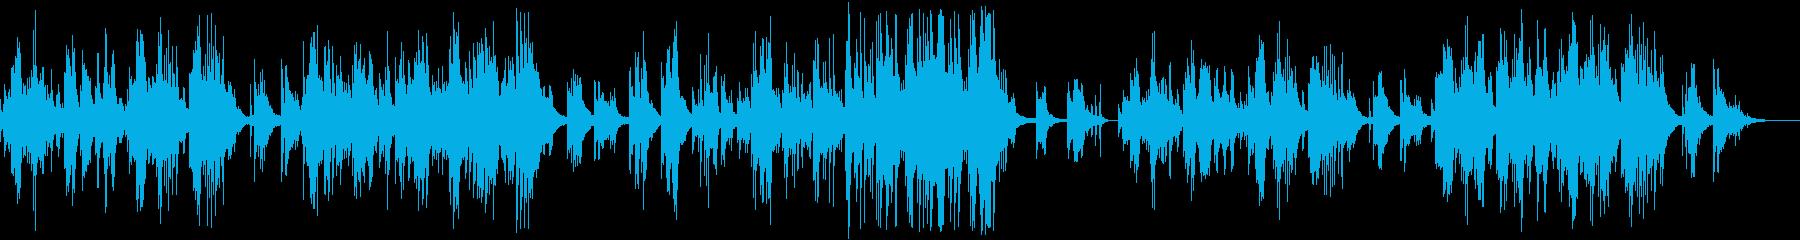 ピアノ曲の穏やかなバラードです。の再生済みの波形